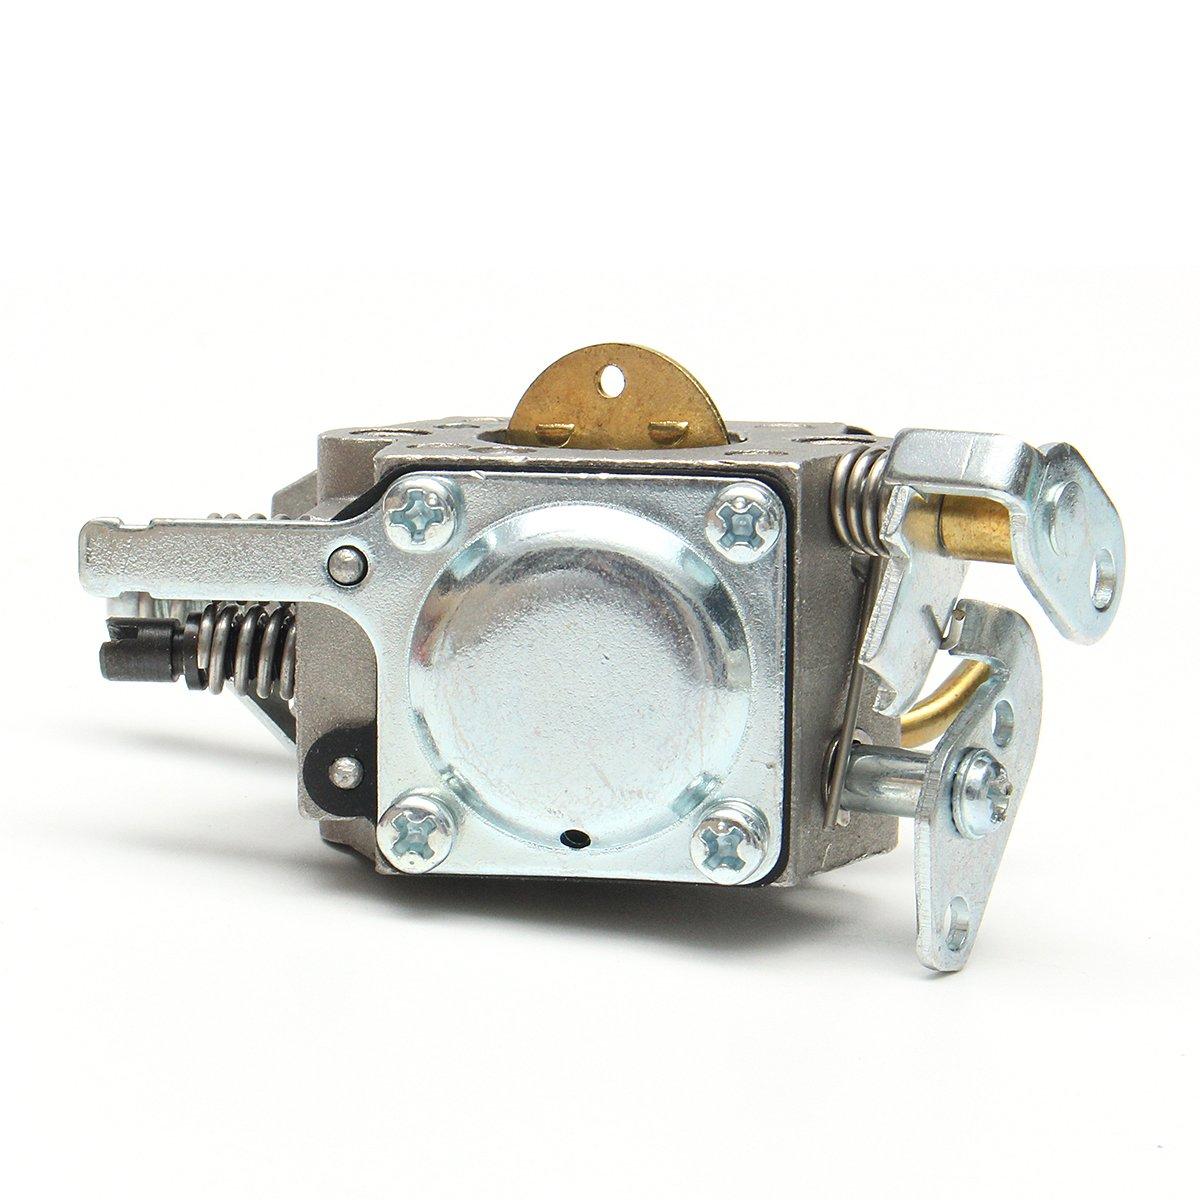 Forspero Kit linea filtro carburante aria carburatore per motosega Husqvarna 36 41 136 137 141 142